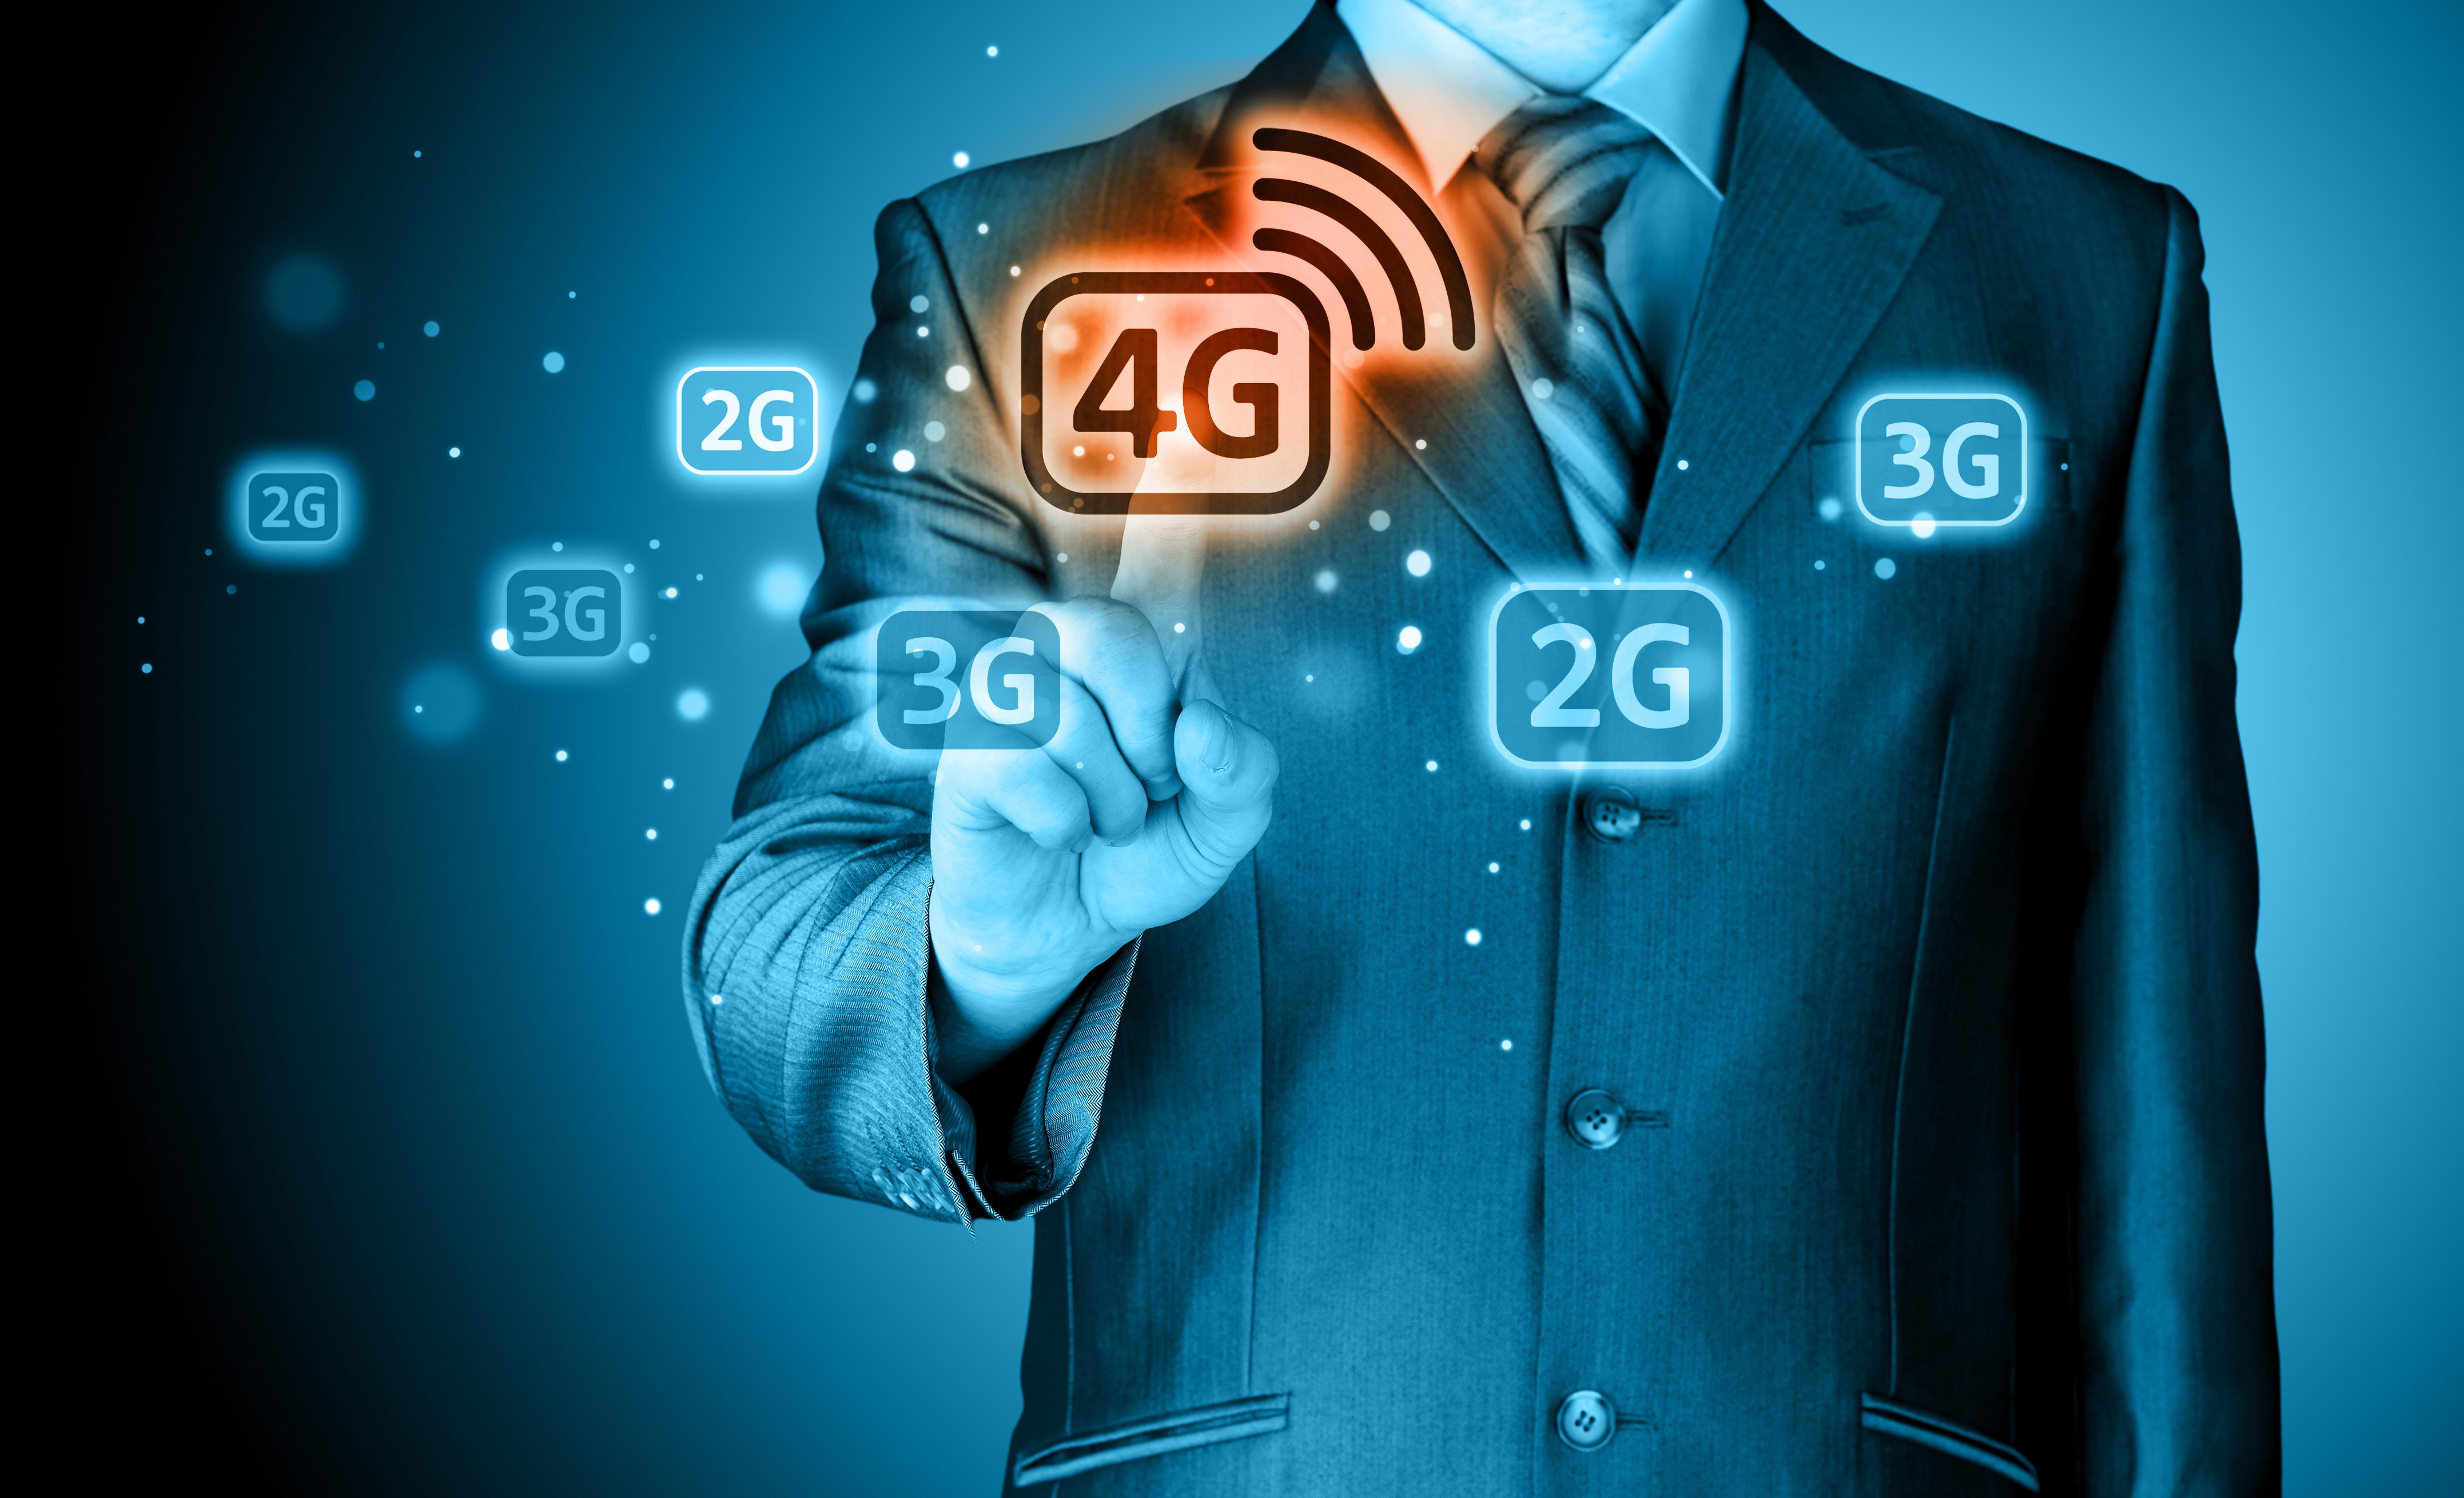 Оператор «МТС» расширил зону связи 4G в Беларуси